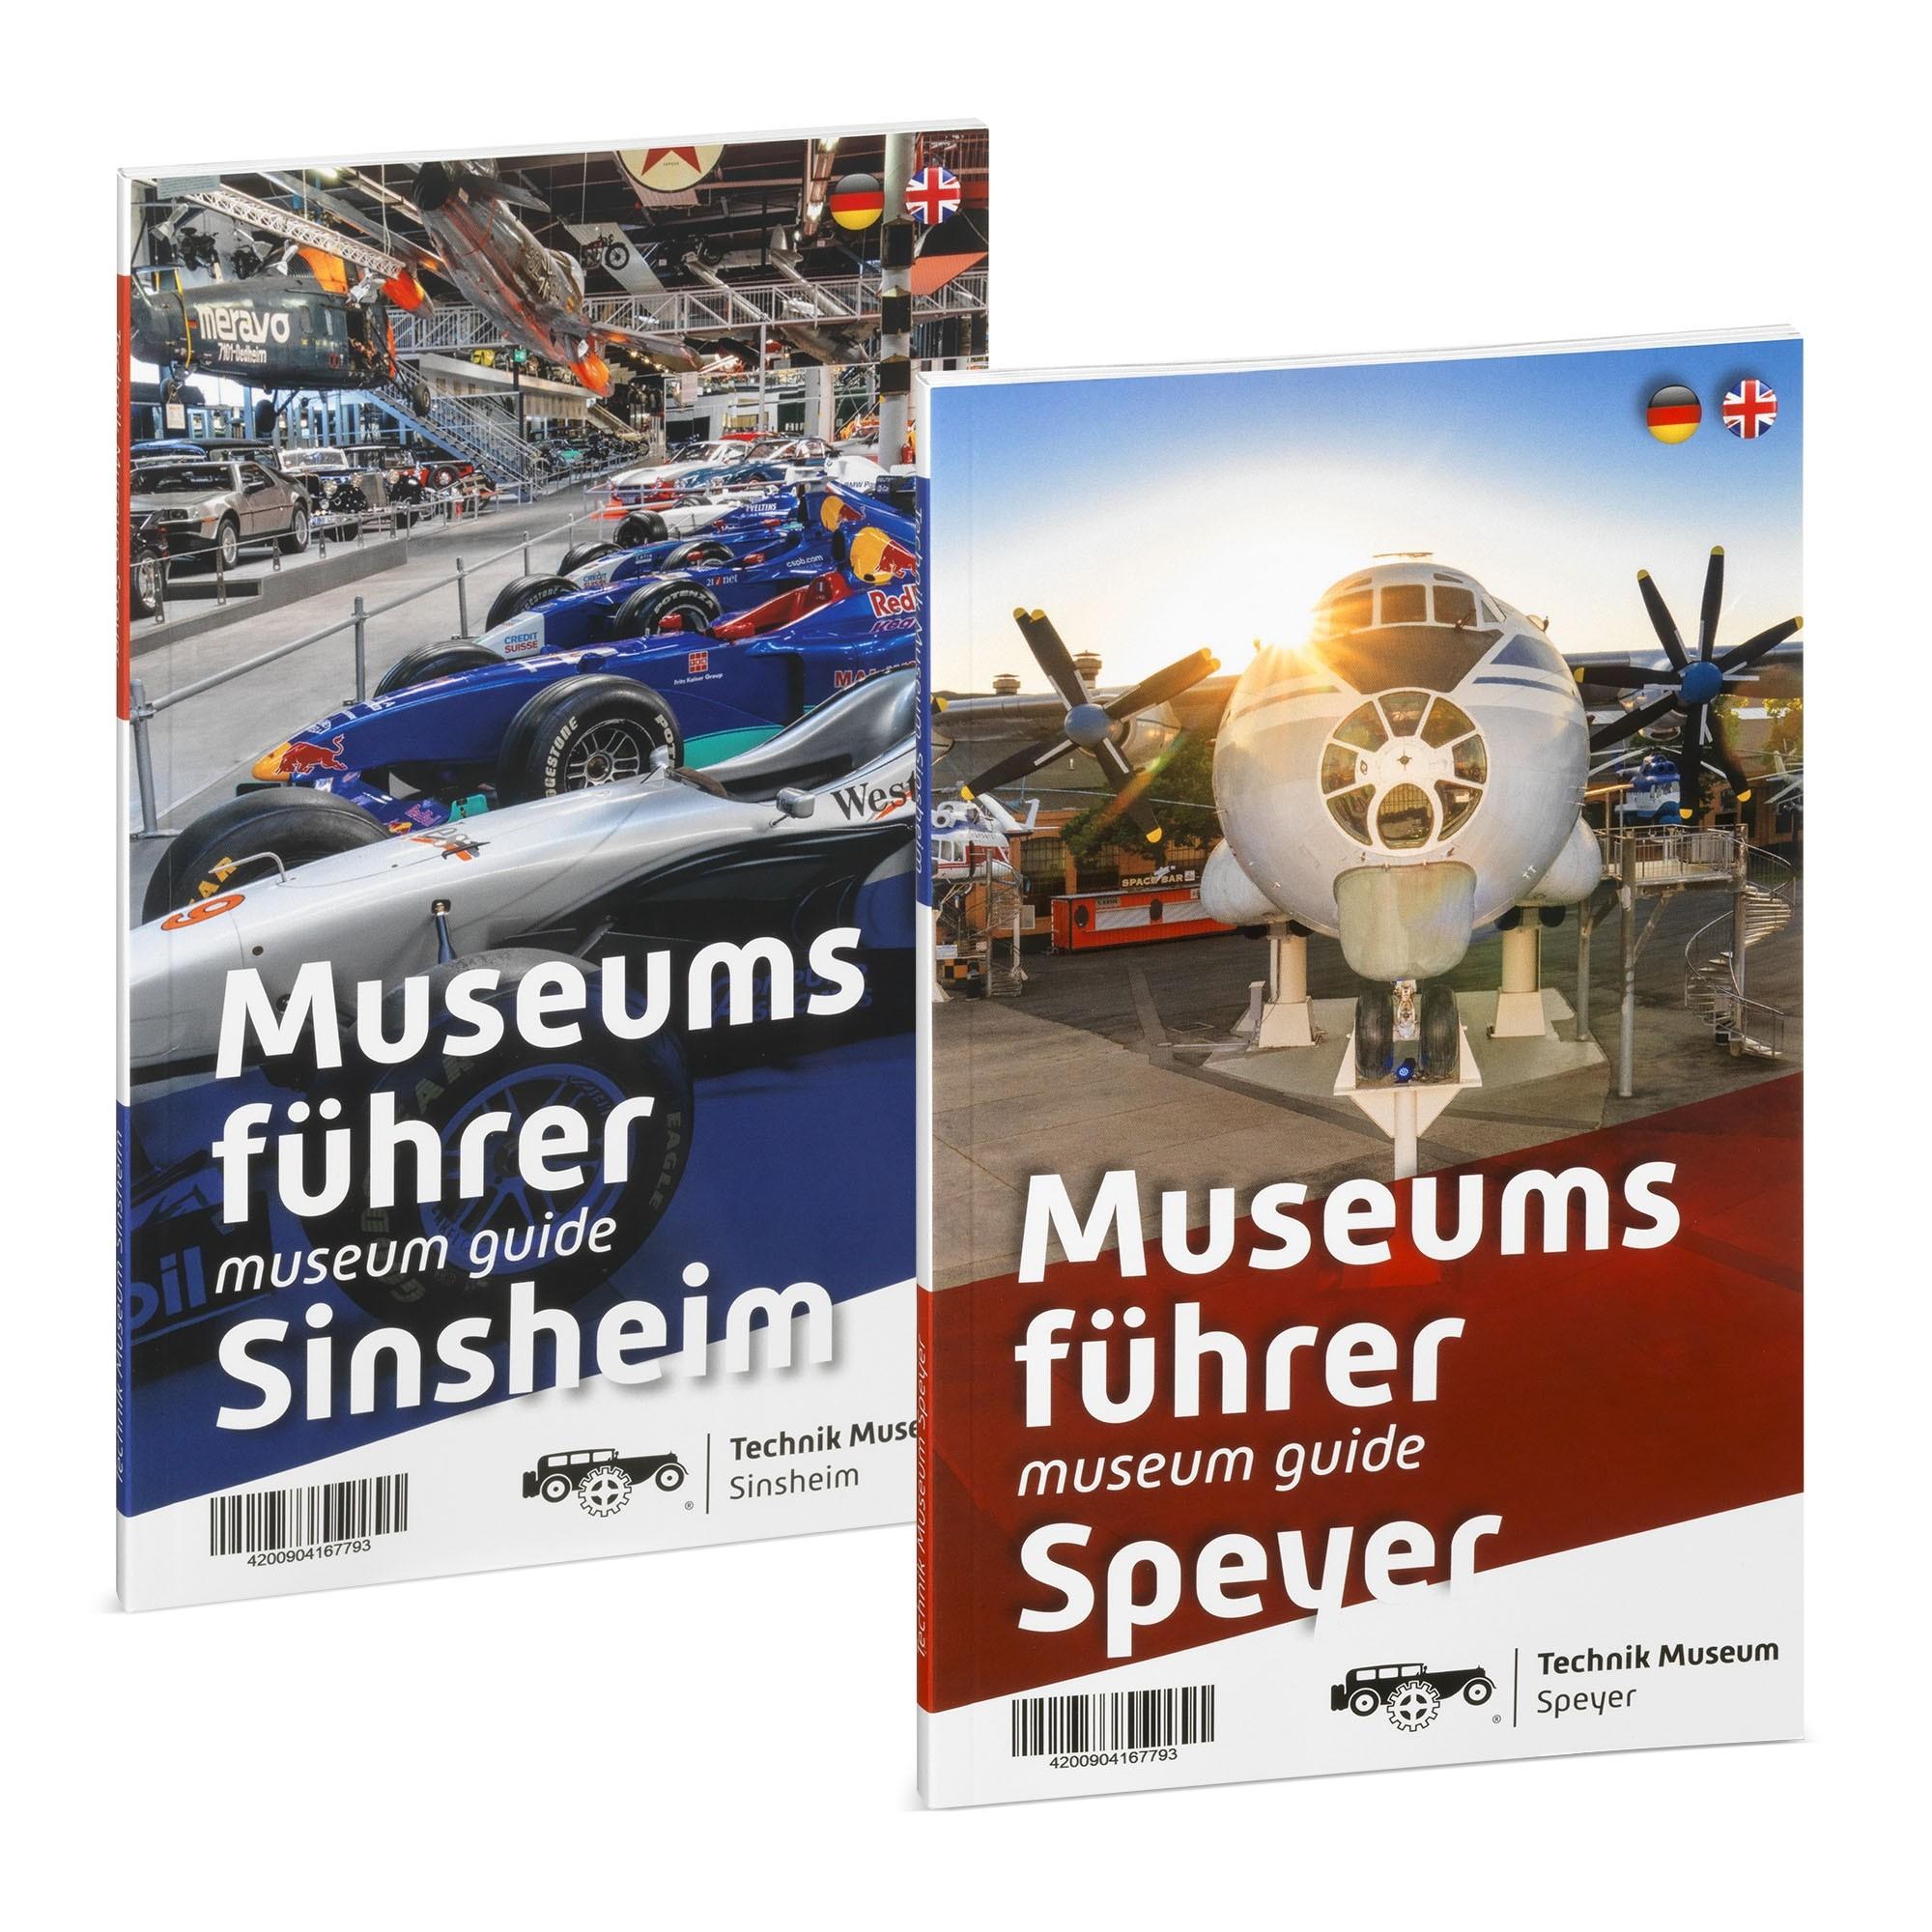 Wendecover: Der Führer enthält sowohl die Information für das Technik Museum Sinsheim, als auch für das Technik Museum Speyer